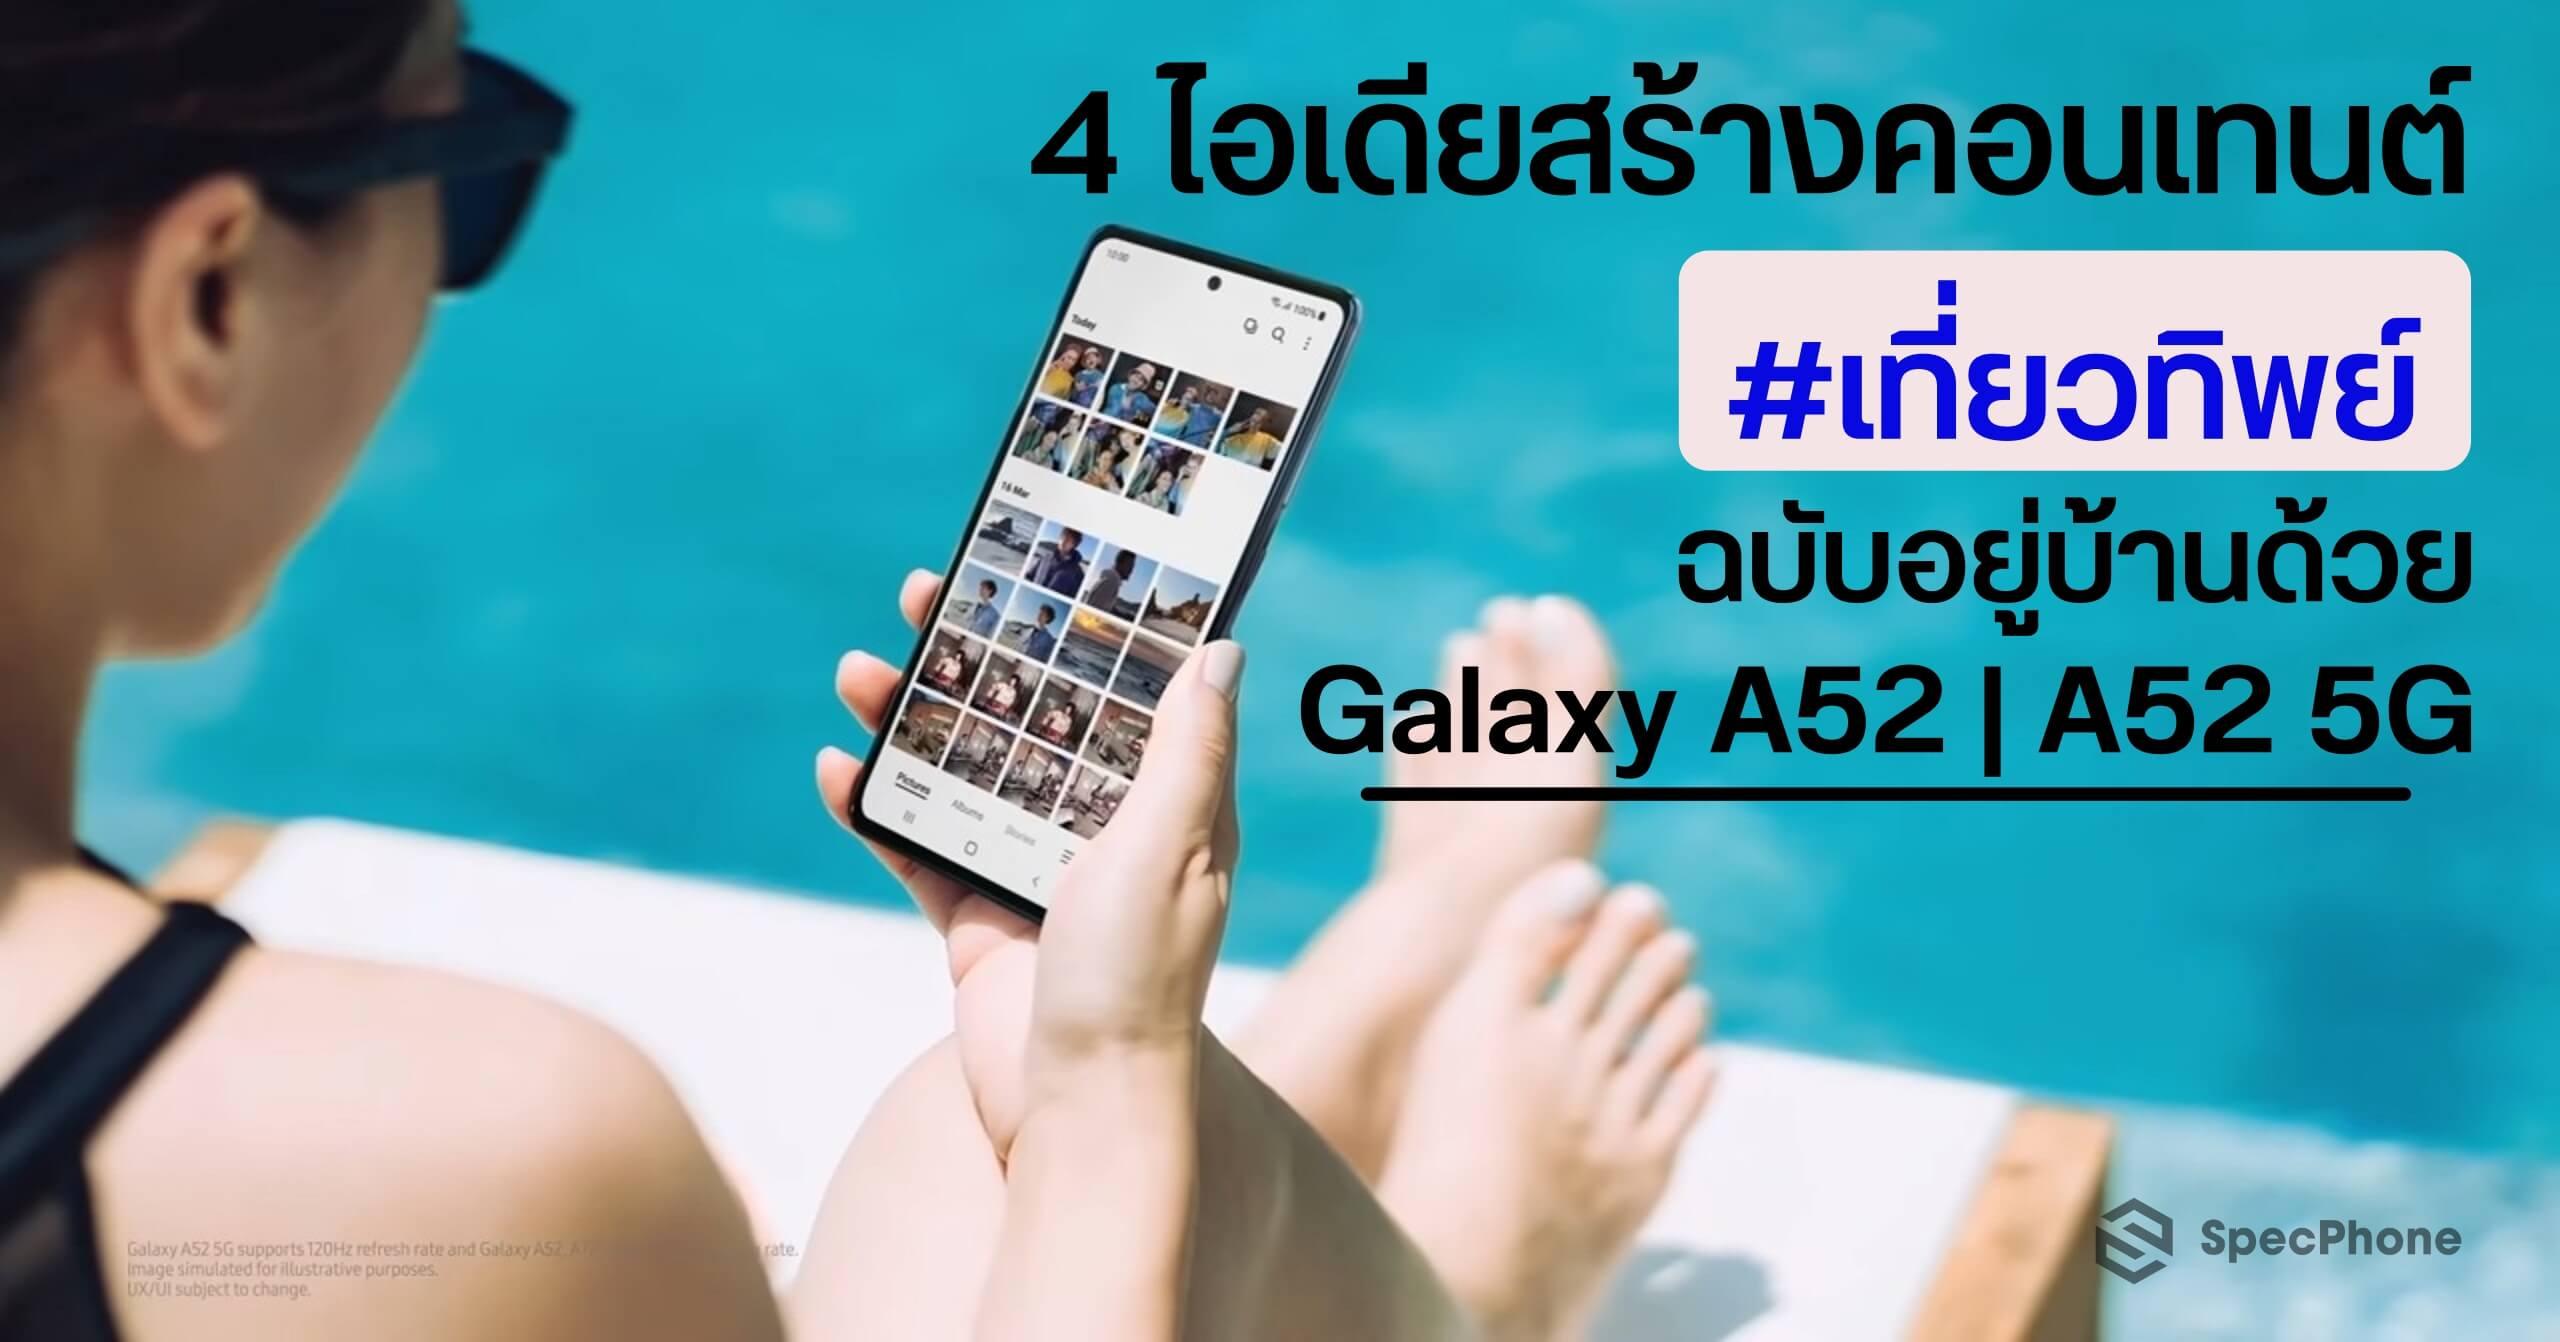 4 ไอเดียสร้างคอนเทนต์ #เที่ยวทิพย์ ฉบับอยู่บ้าน ด้วยสมาร์ทโฟน Galaxy A52 | A52 5G เครื่องเดียว